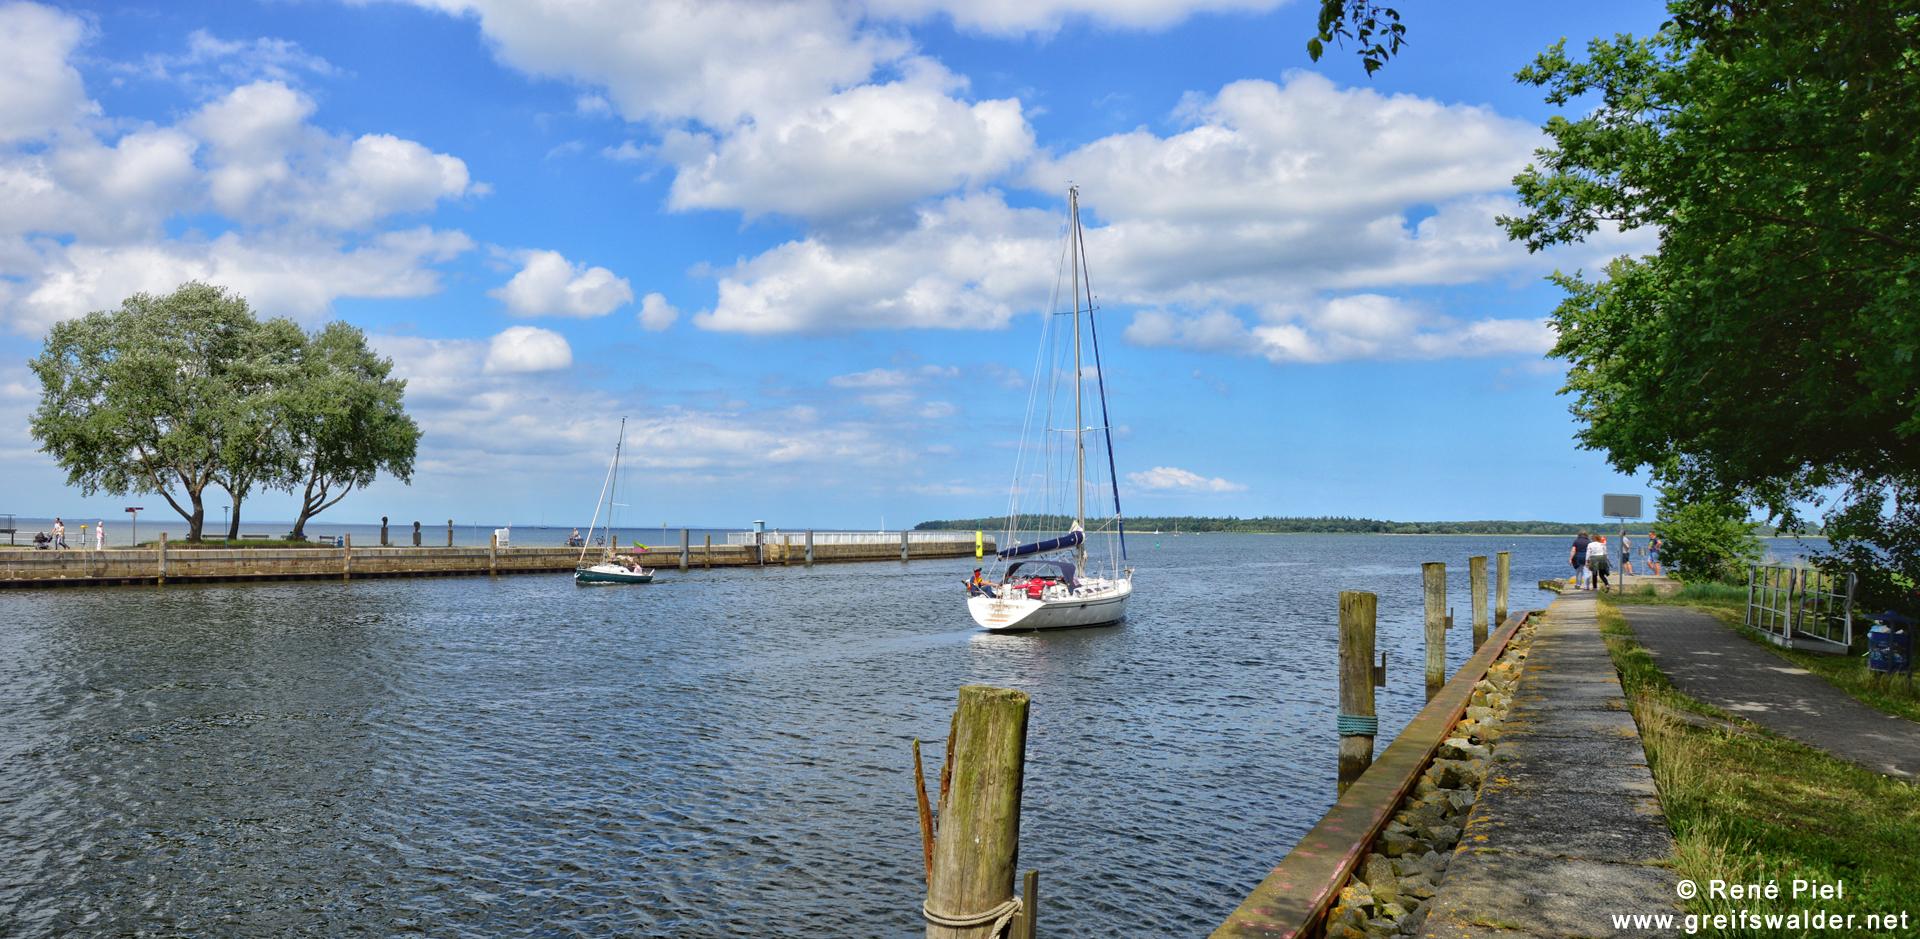 Erholung pur - An der Mole in Greifswald-Wieck